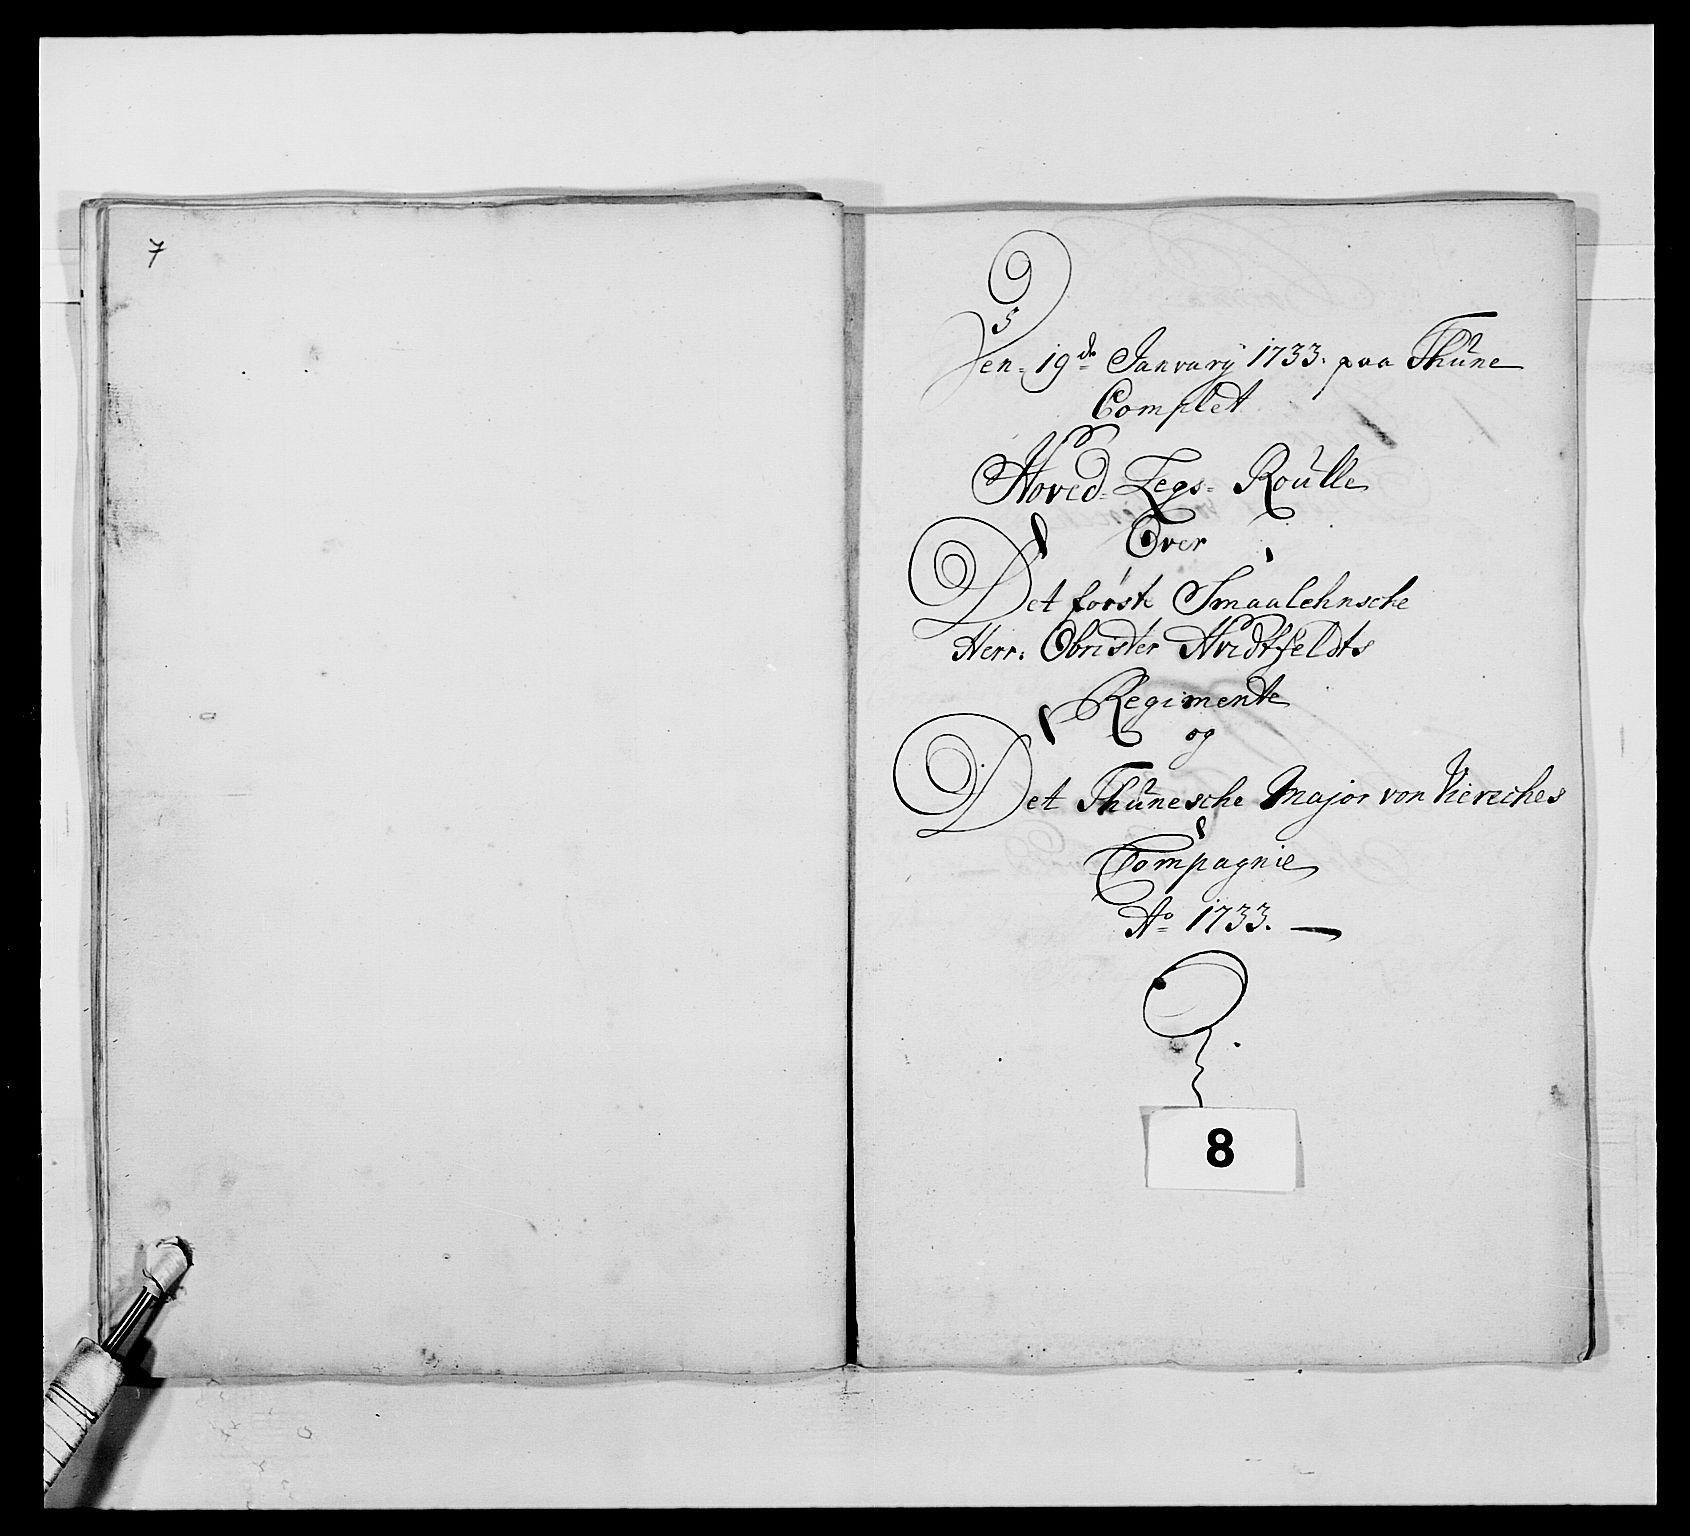 RA, Kommanderende general (KG I) med Det norske krigsdirektorium, E/Ea/L0495: 1. Smålenske regiment, 1732-1763, s. 84